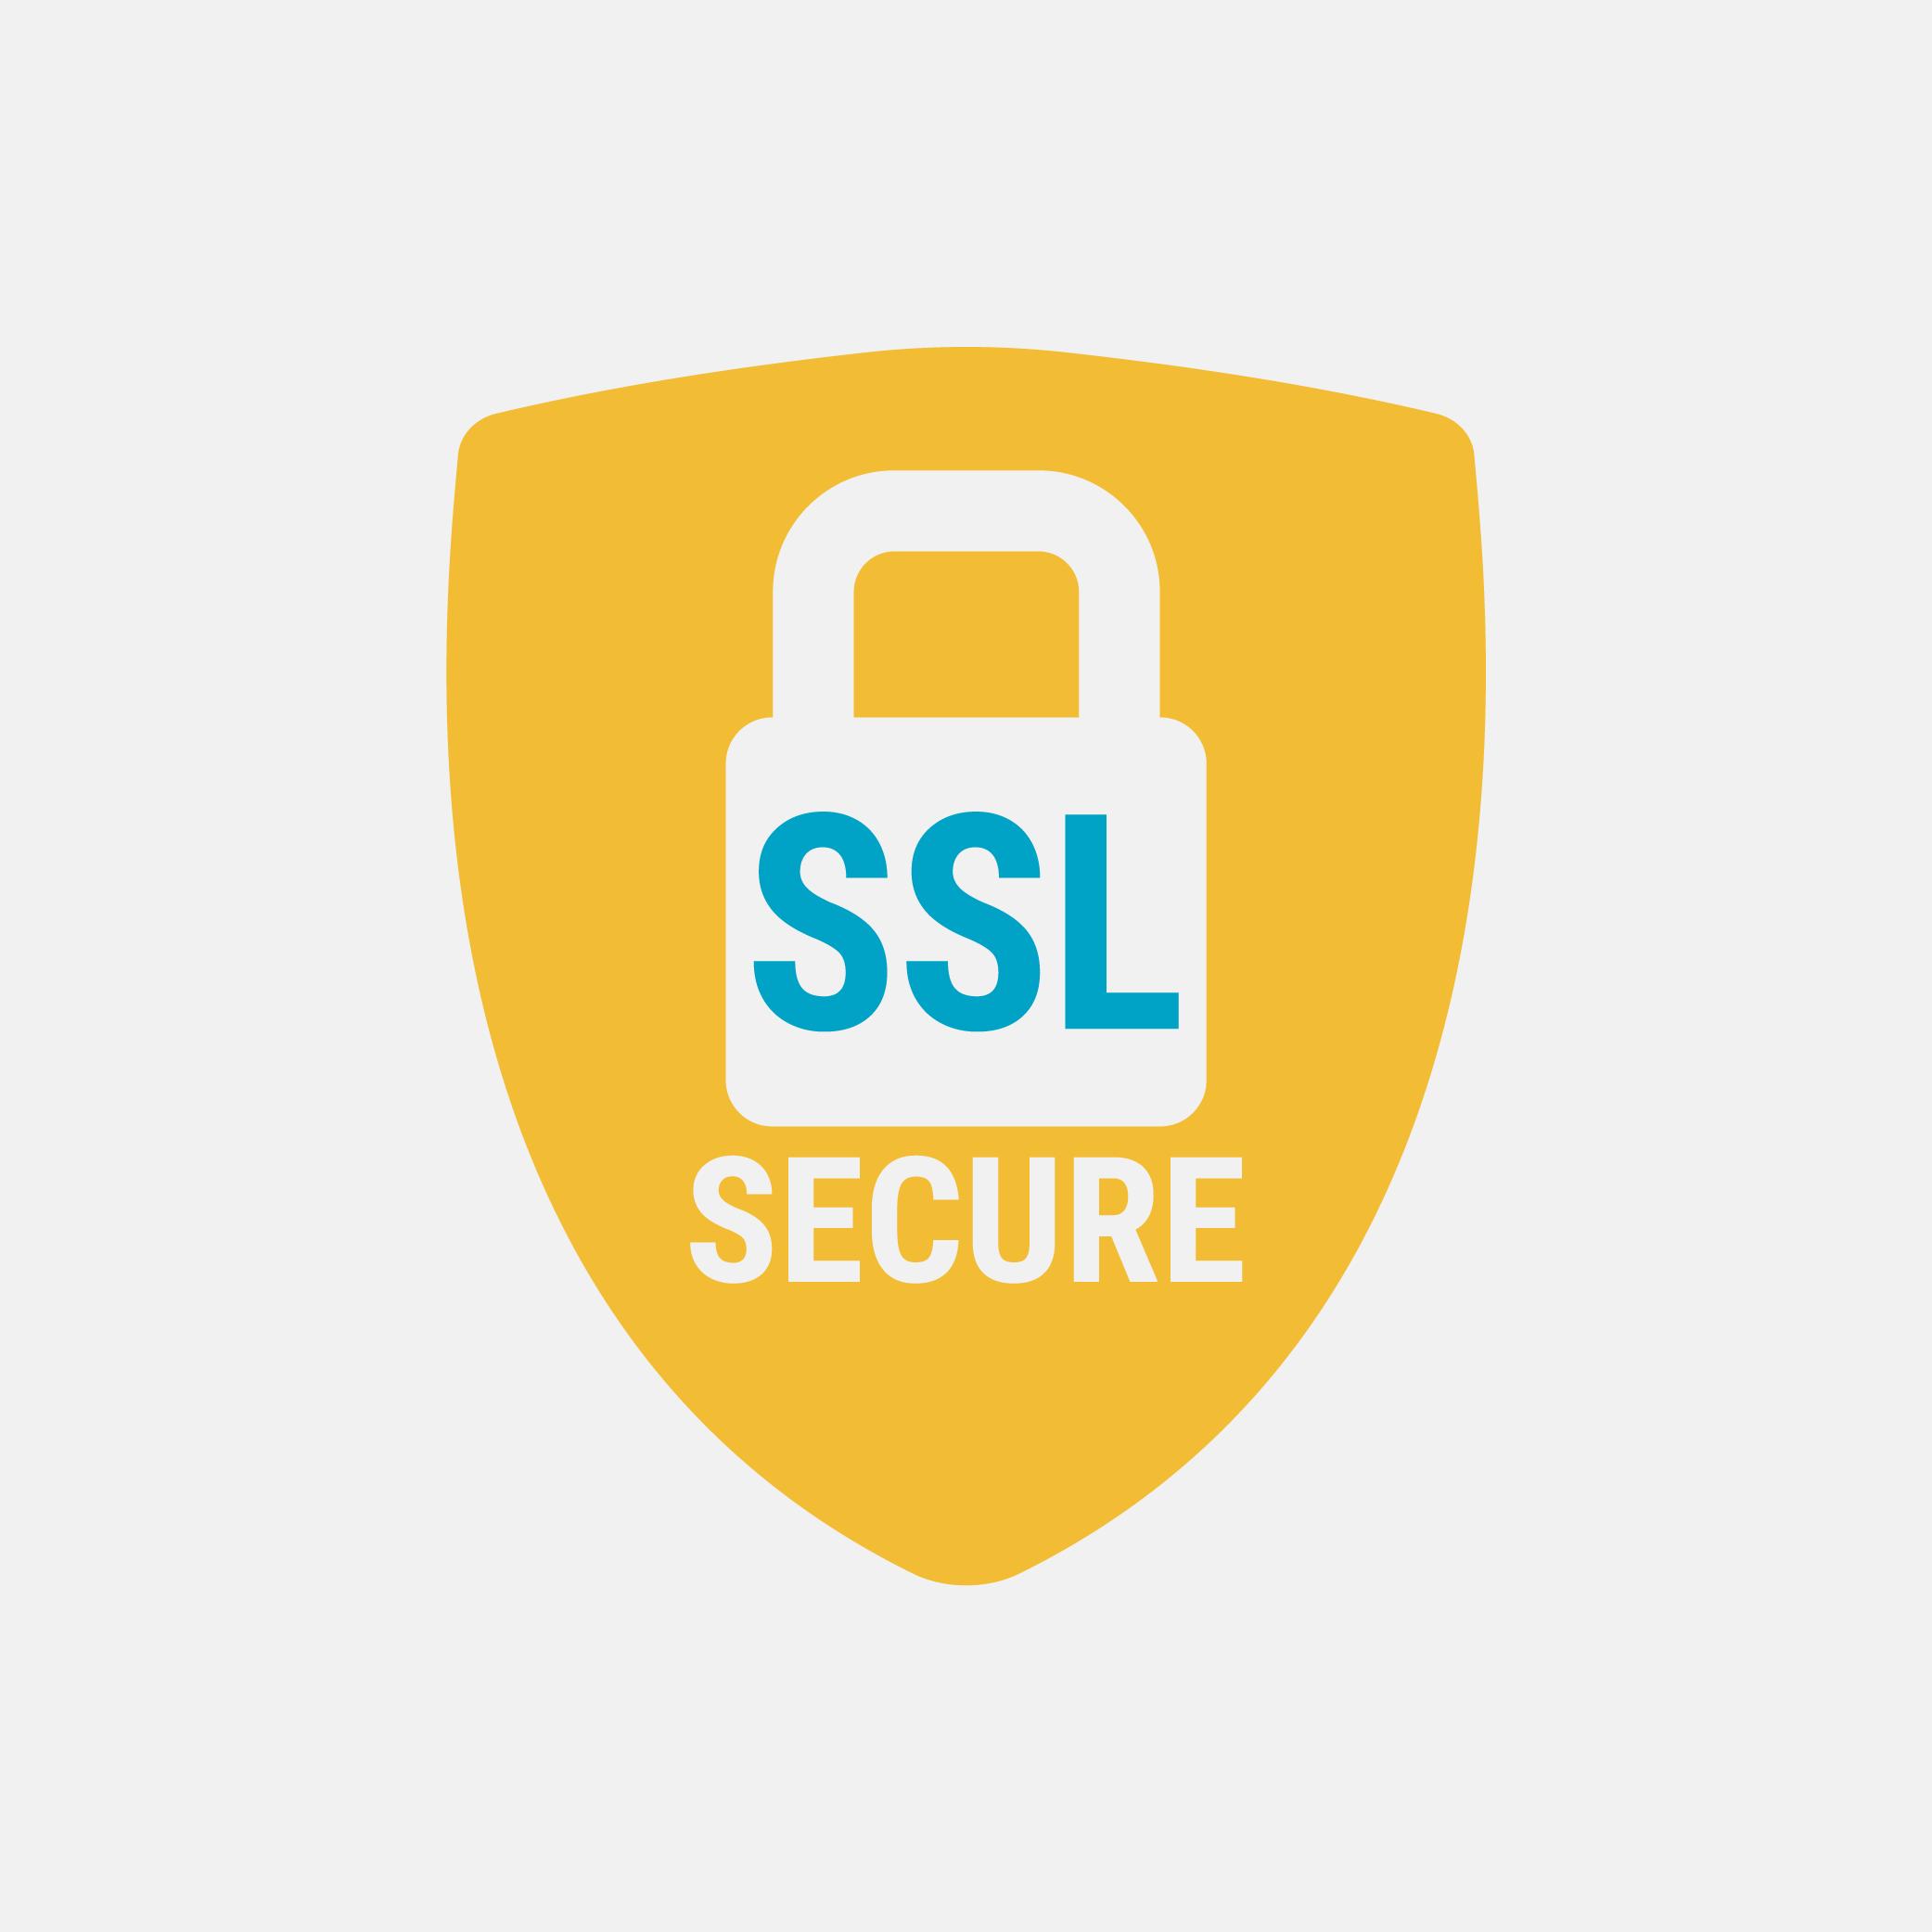 Ti garantiamo che rispetteremo la tua privacy.